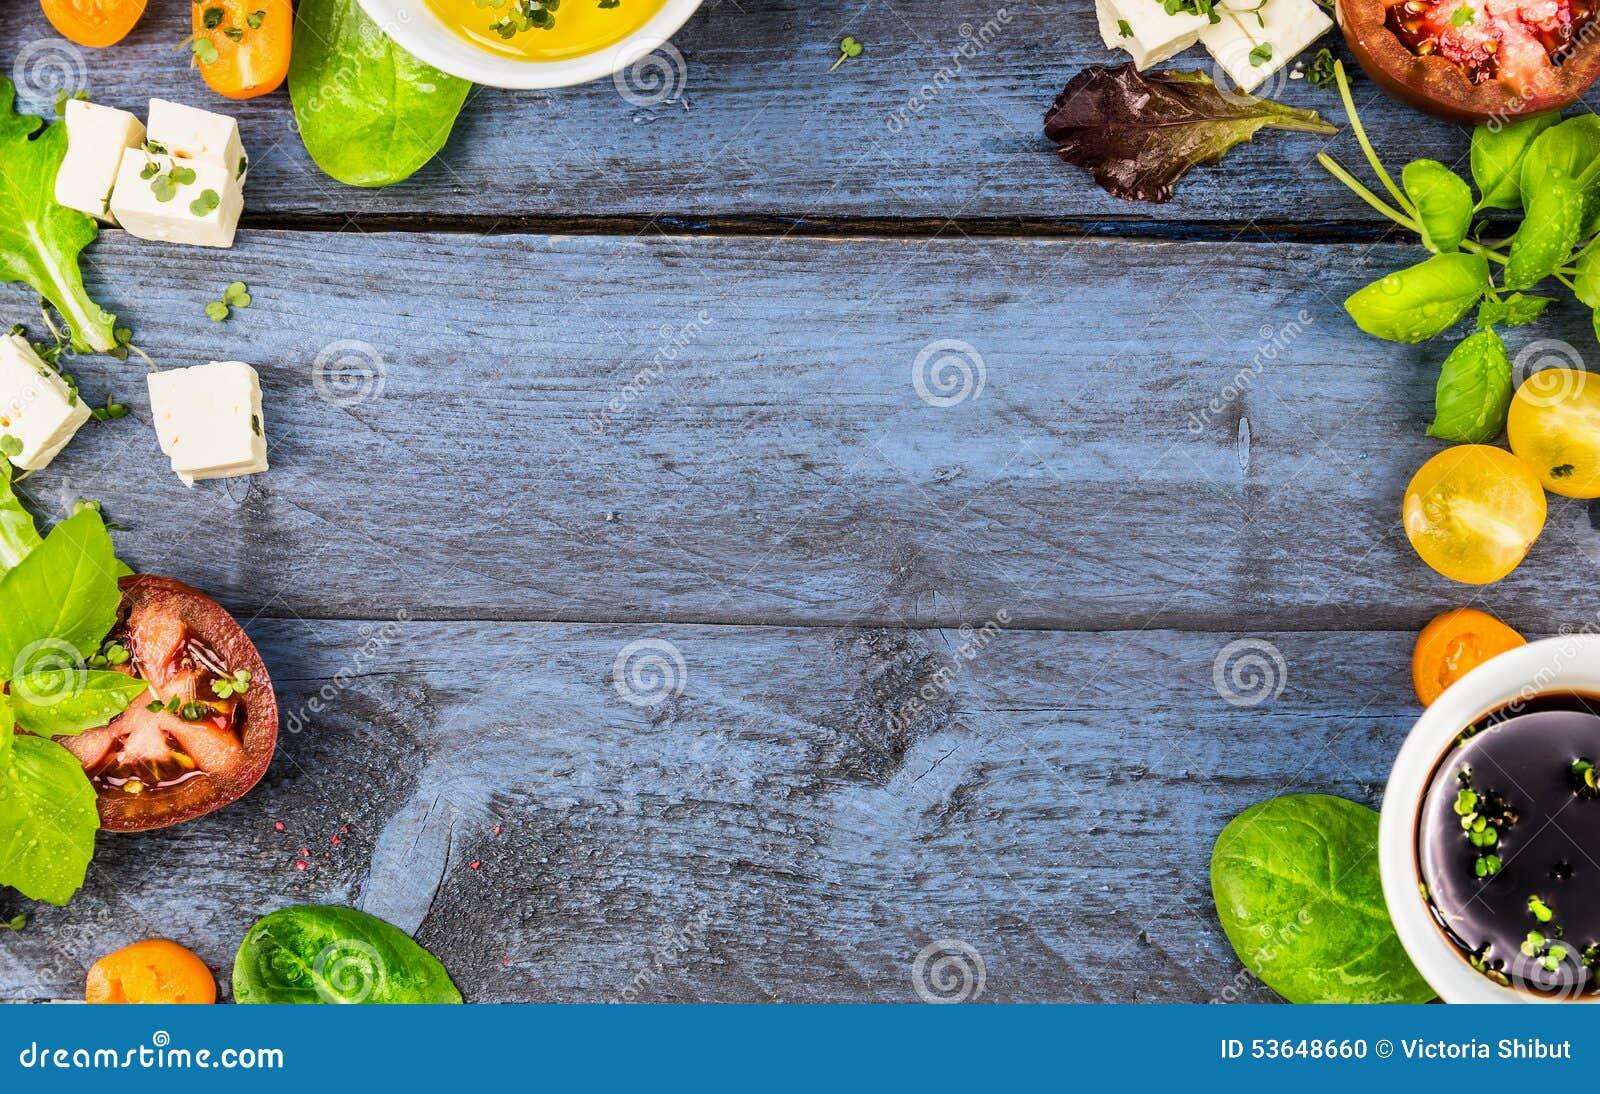 Jedzenie rama z sałatkowymi składnikami: olej, ocet, pomidory, basil i ser na błękitnym nieociosanym drewnianym tle,